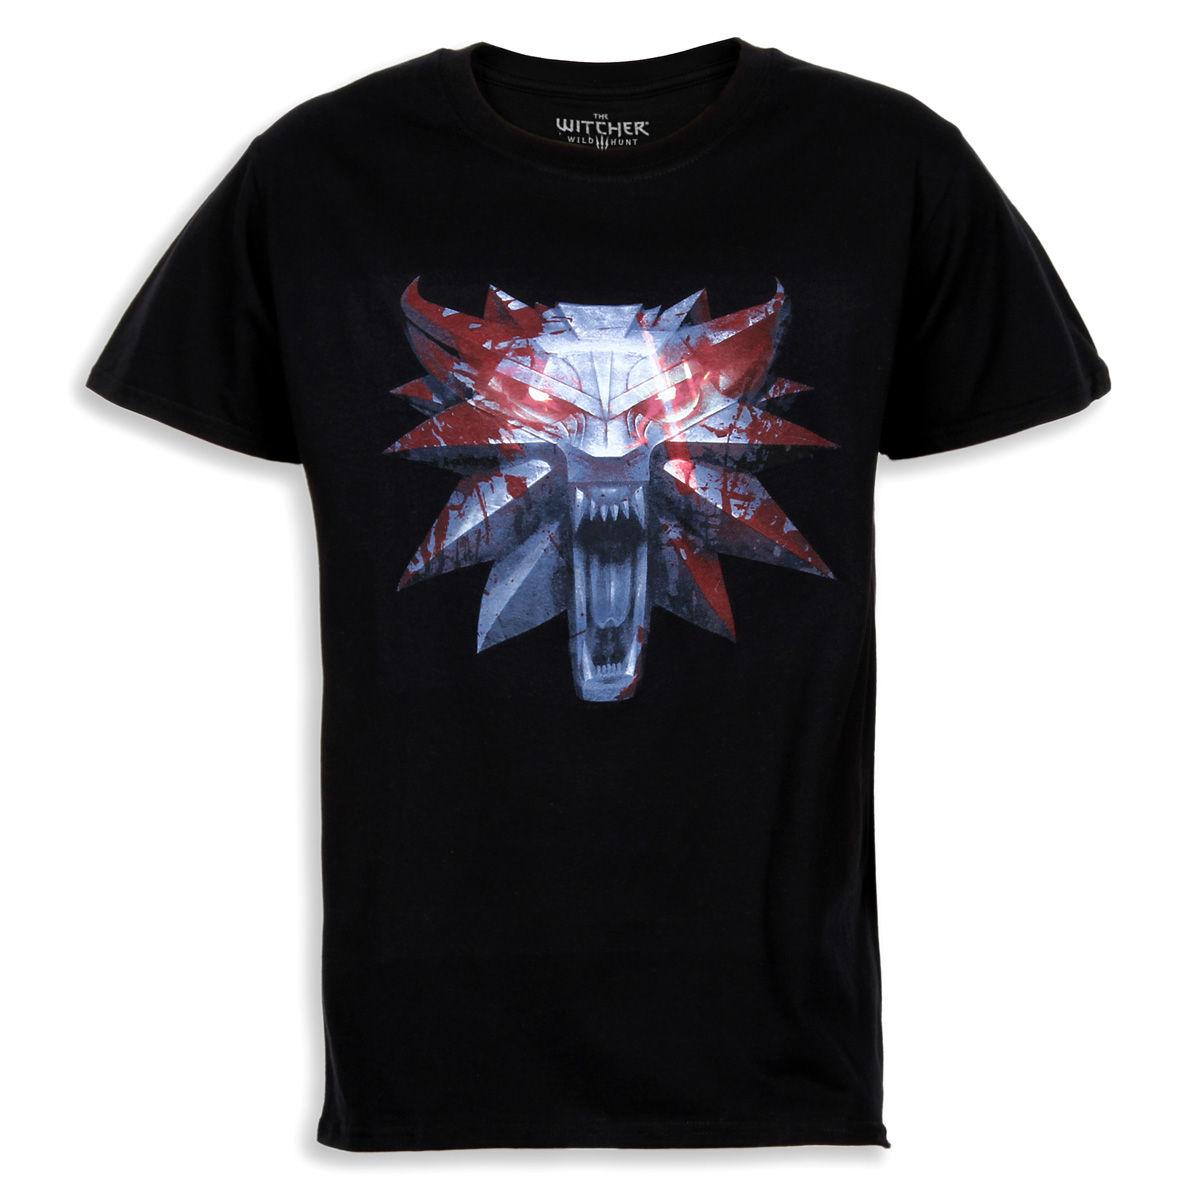 Koszulki z motywami z Wiedźmina za 35zł (-42%) @ Empik